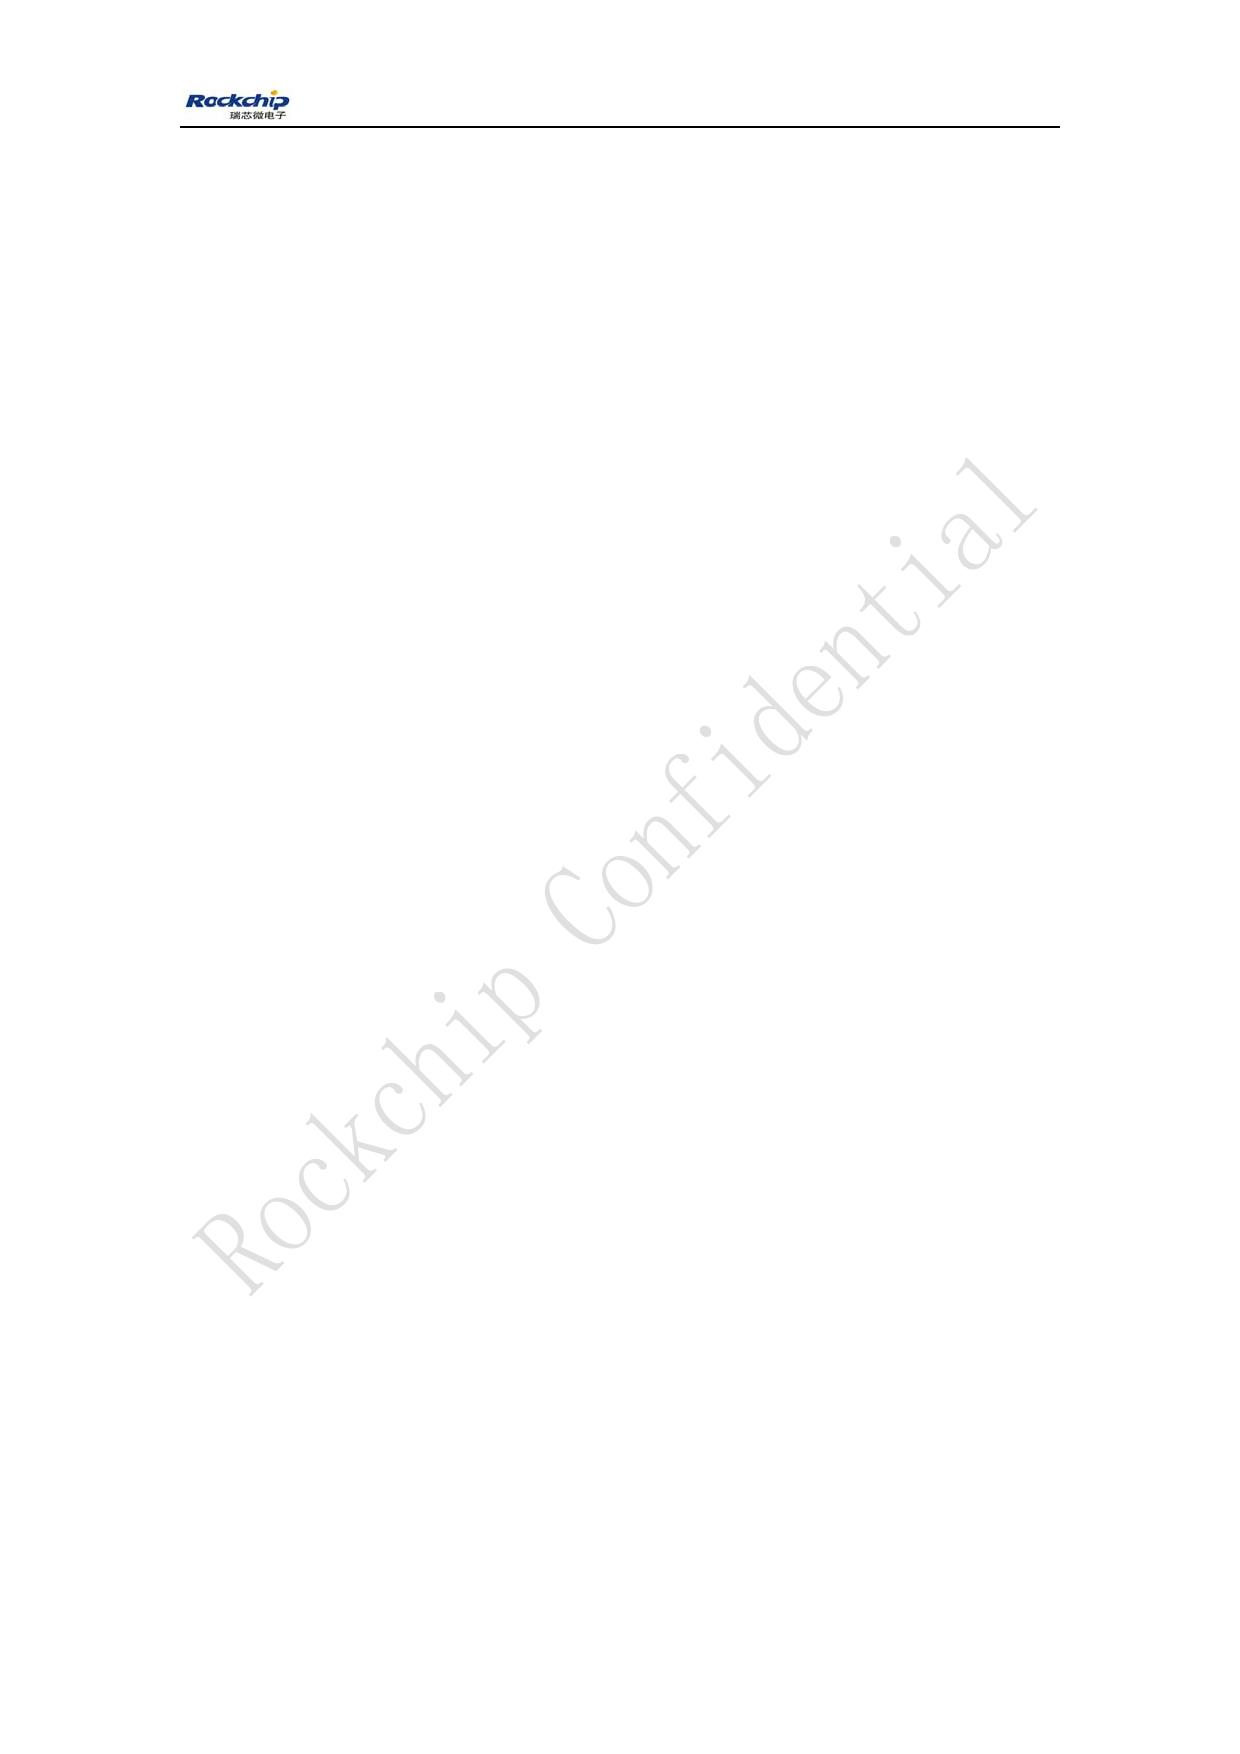 RK3128 データシート pdf pinout